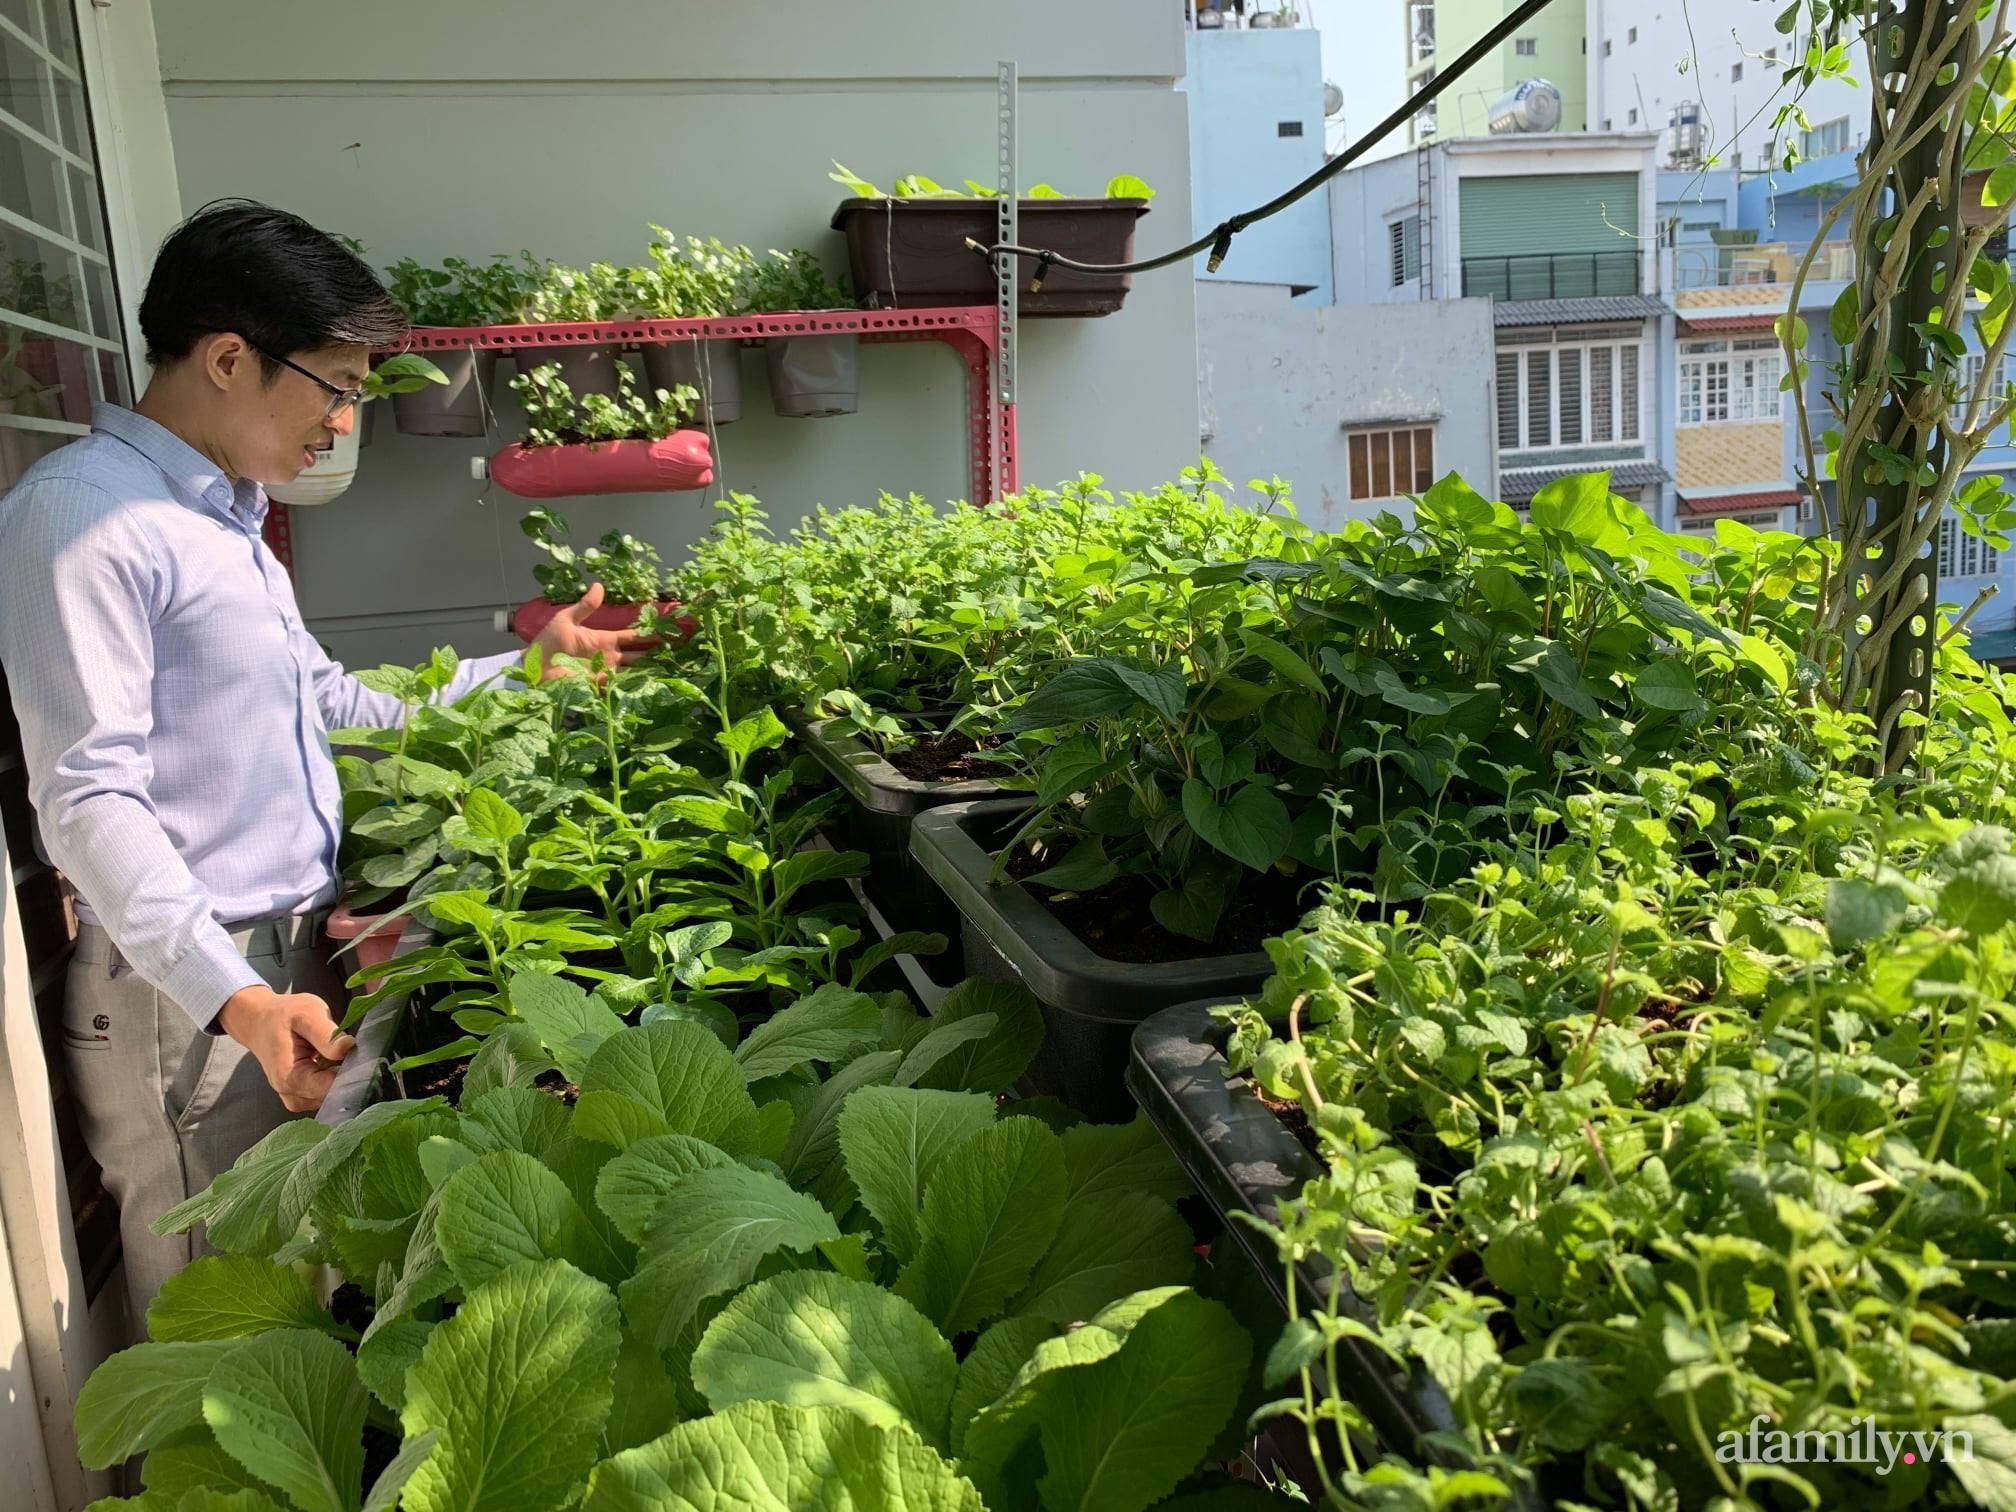 Ban công 3m² phủ kín rau sạch quanh năm tươi tốt của ông bố đảm 3 con ở Bình Thạnh, Sài Gòn - Ảnh 1.